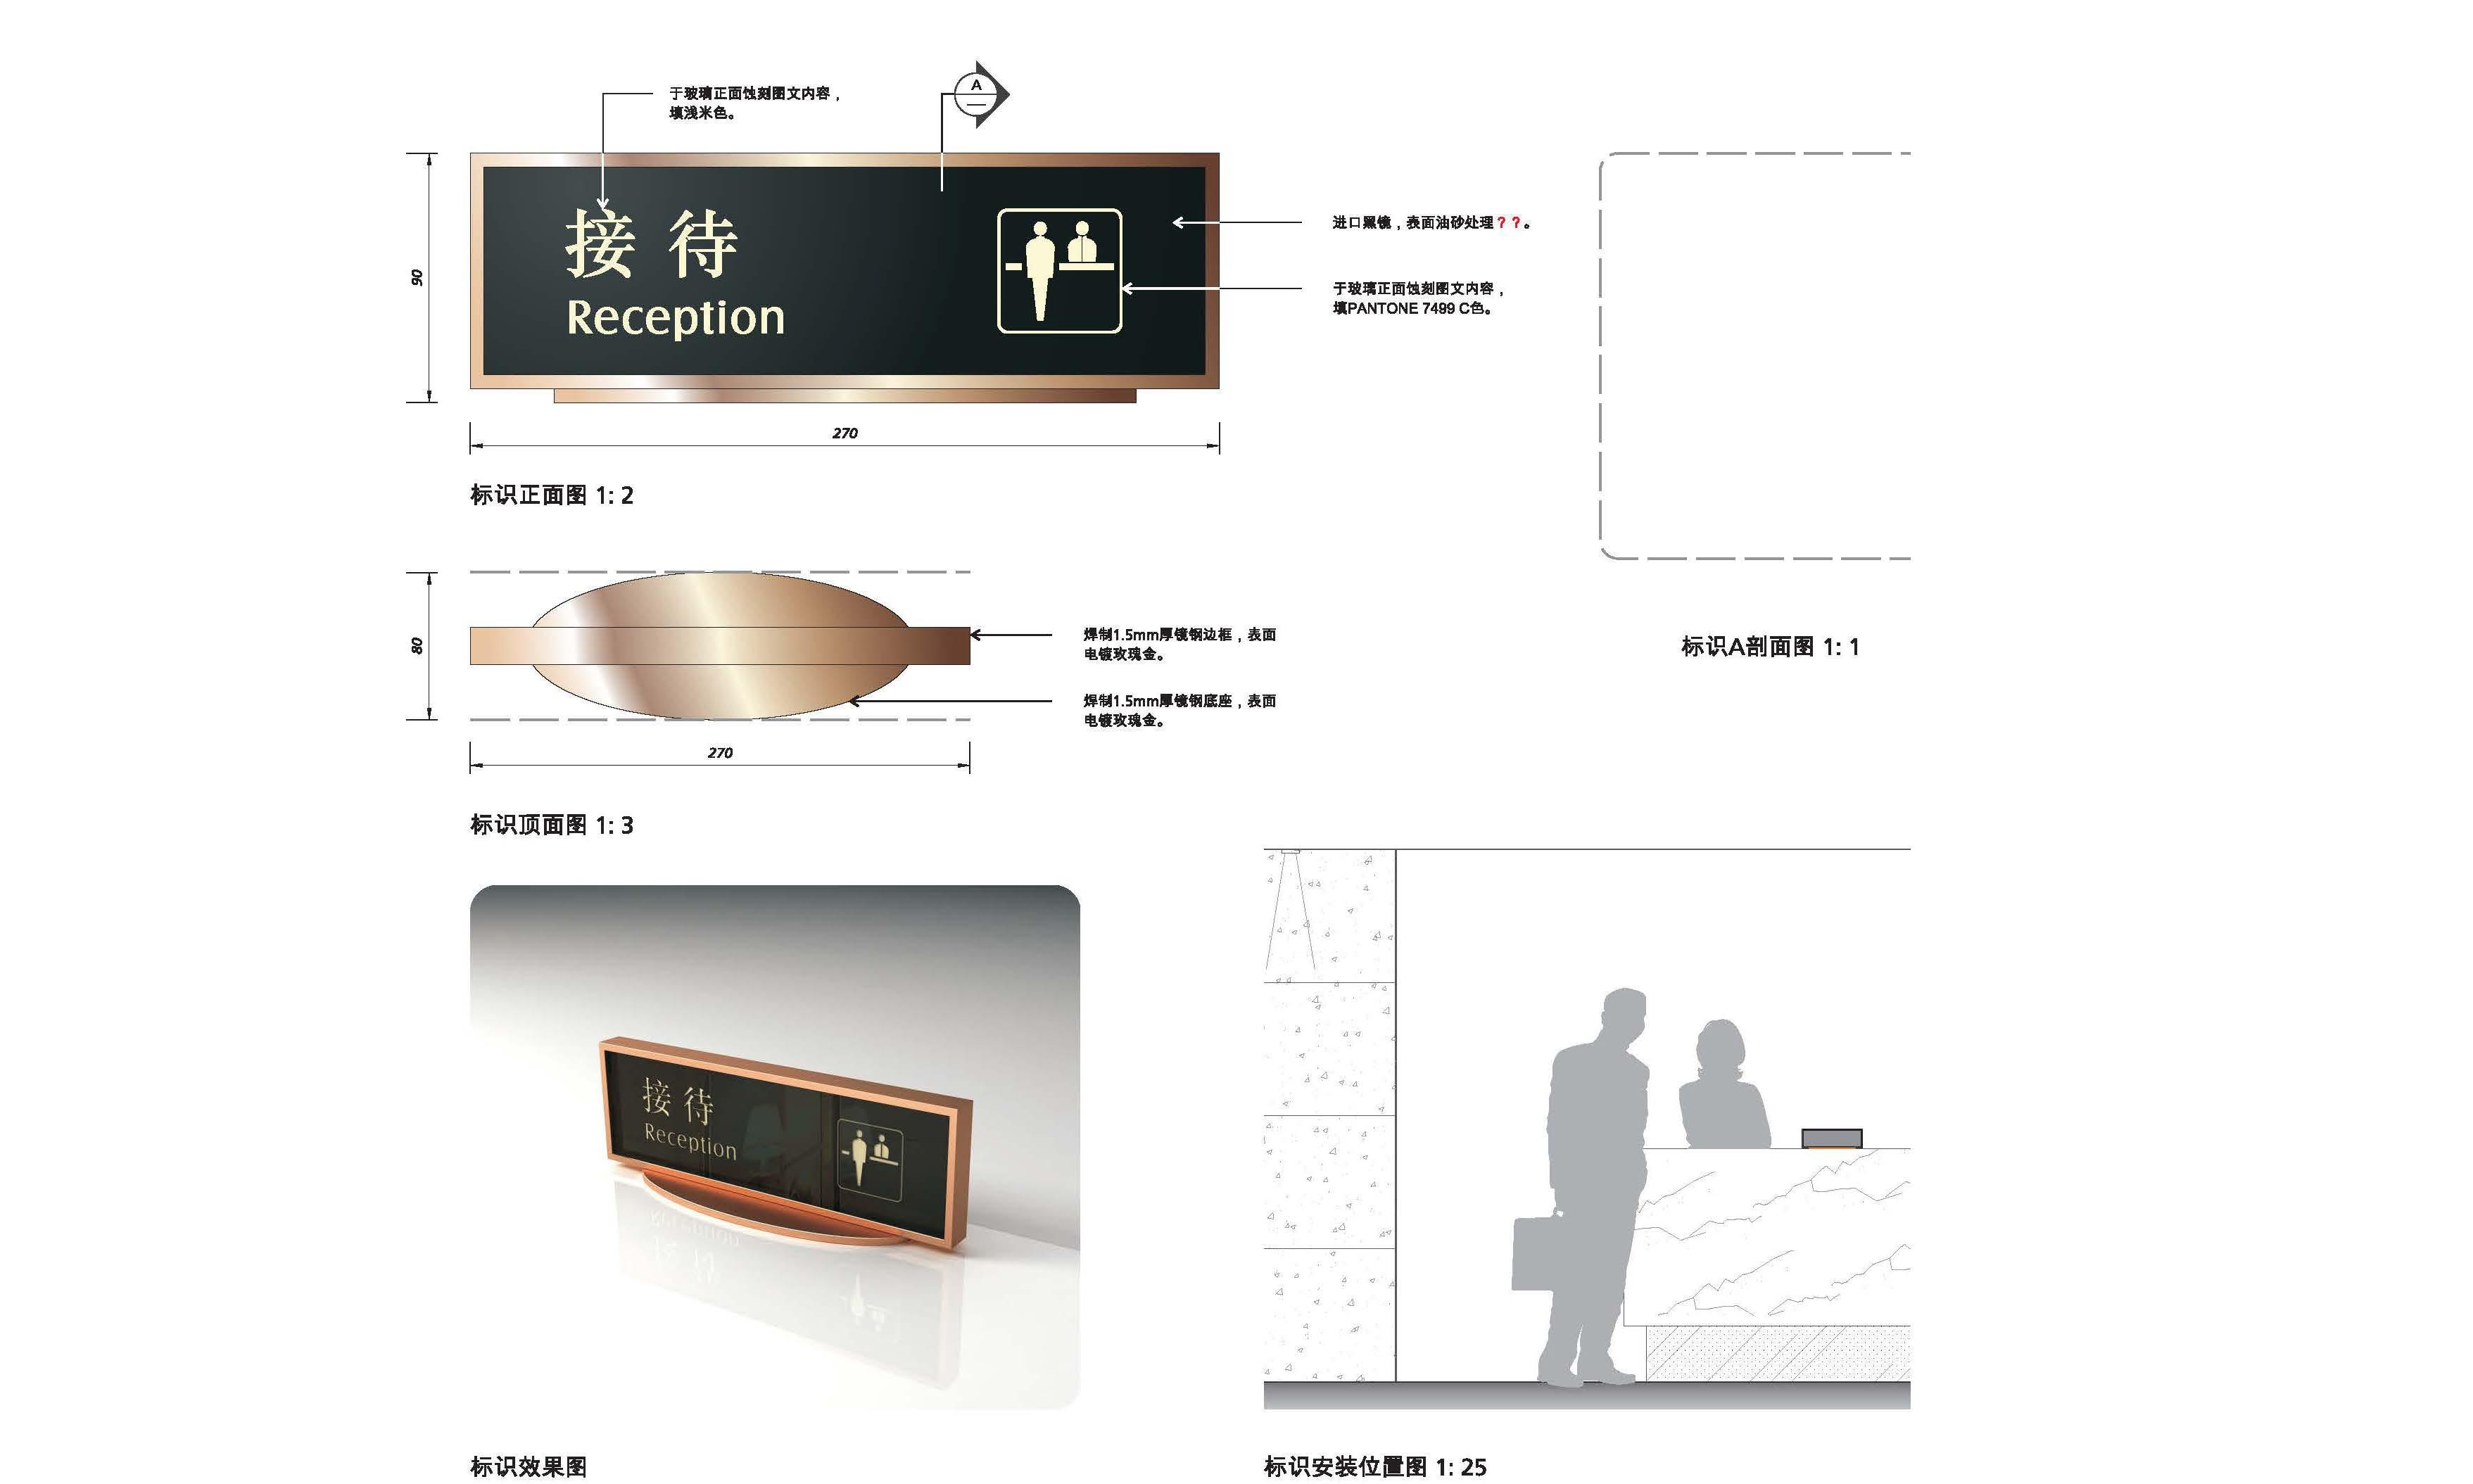 酒店门牌/酒店导视系统/空间标识系统 门头设计/门头标识字